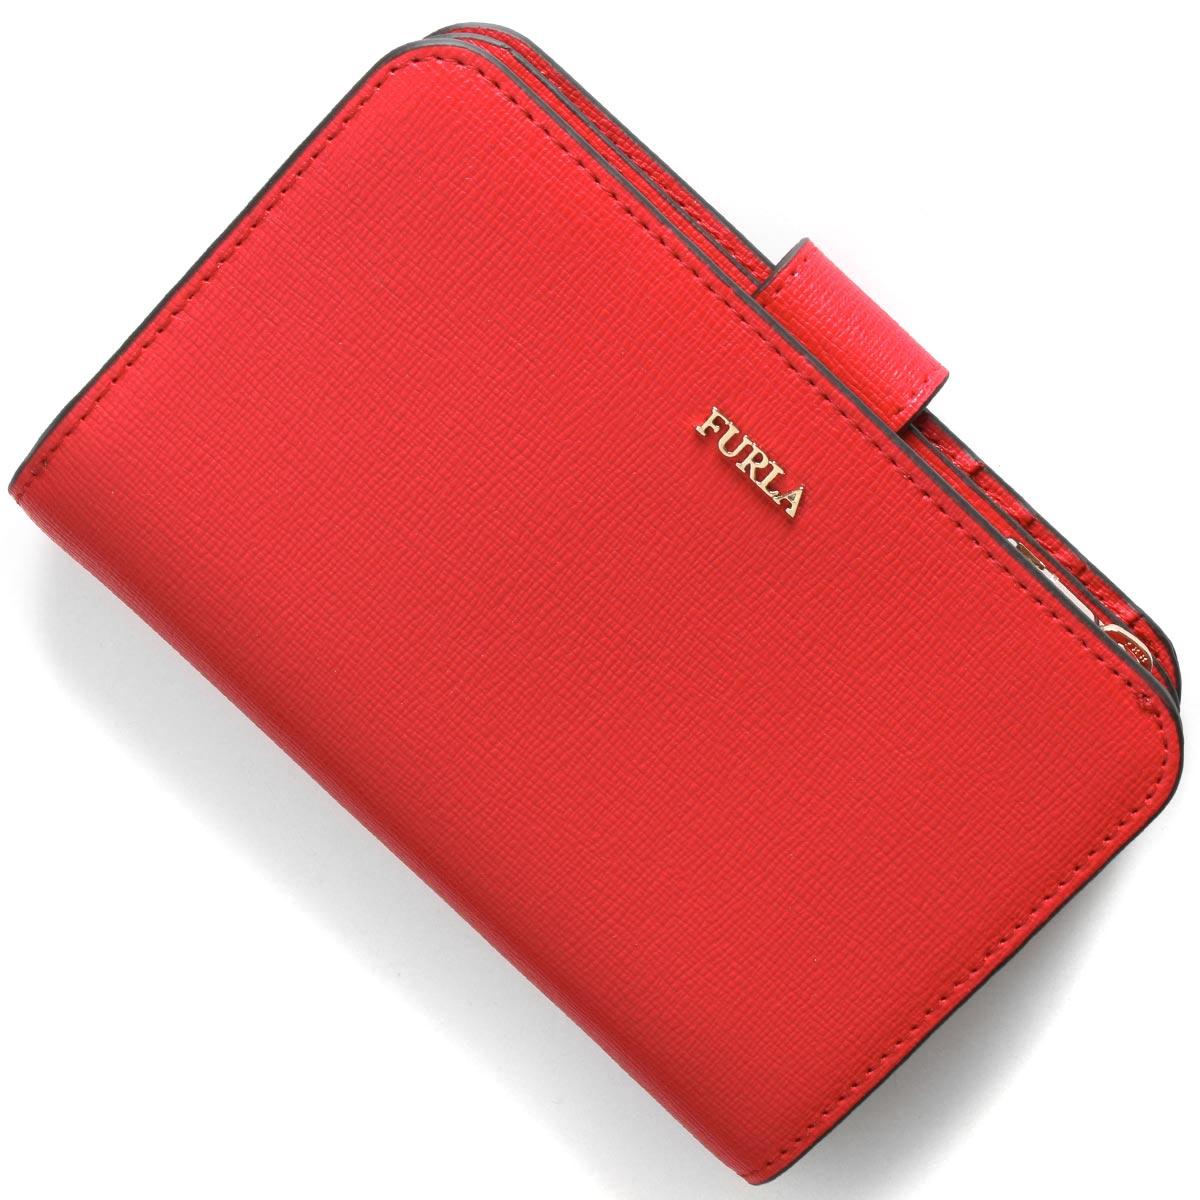 フルラ 二つ折り財布 財布 レディース バビロン ミディアム フラーゴラレッド PR85 B30 TJ9 1046238 FURLA